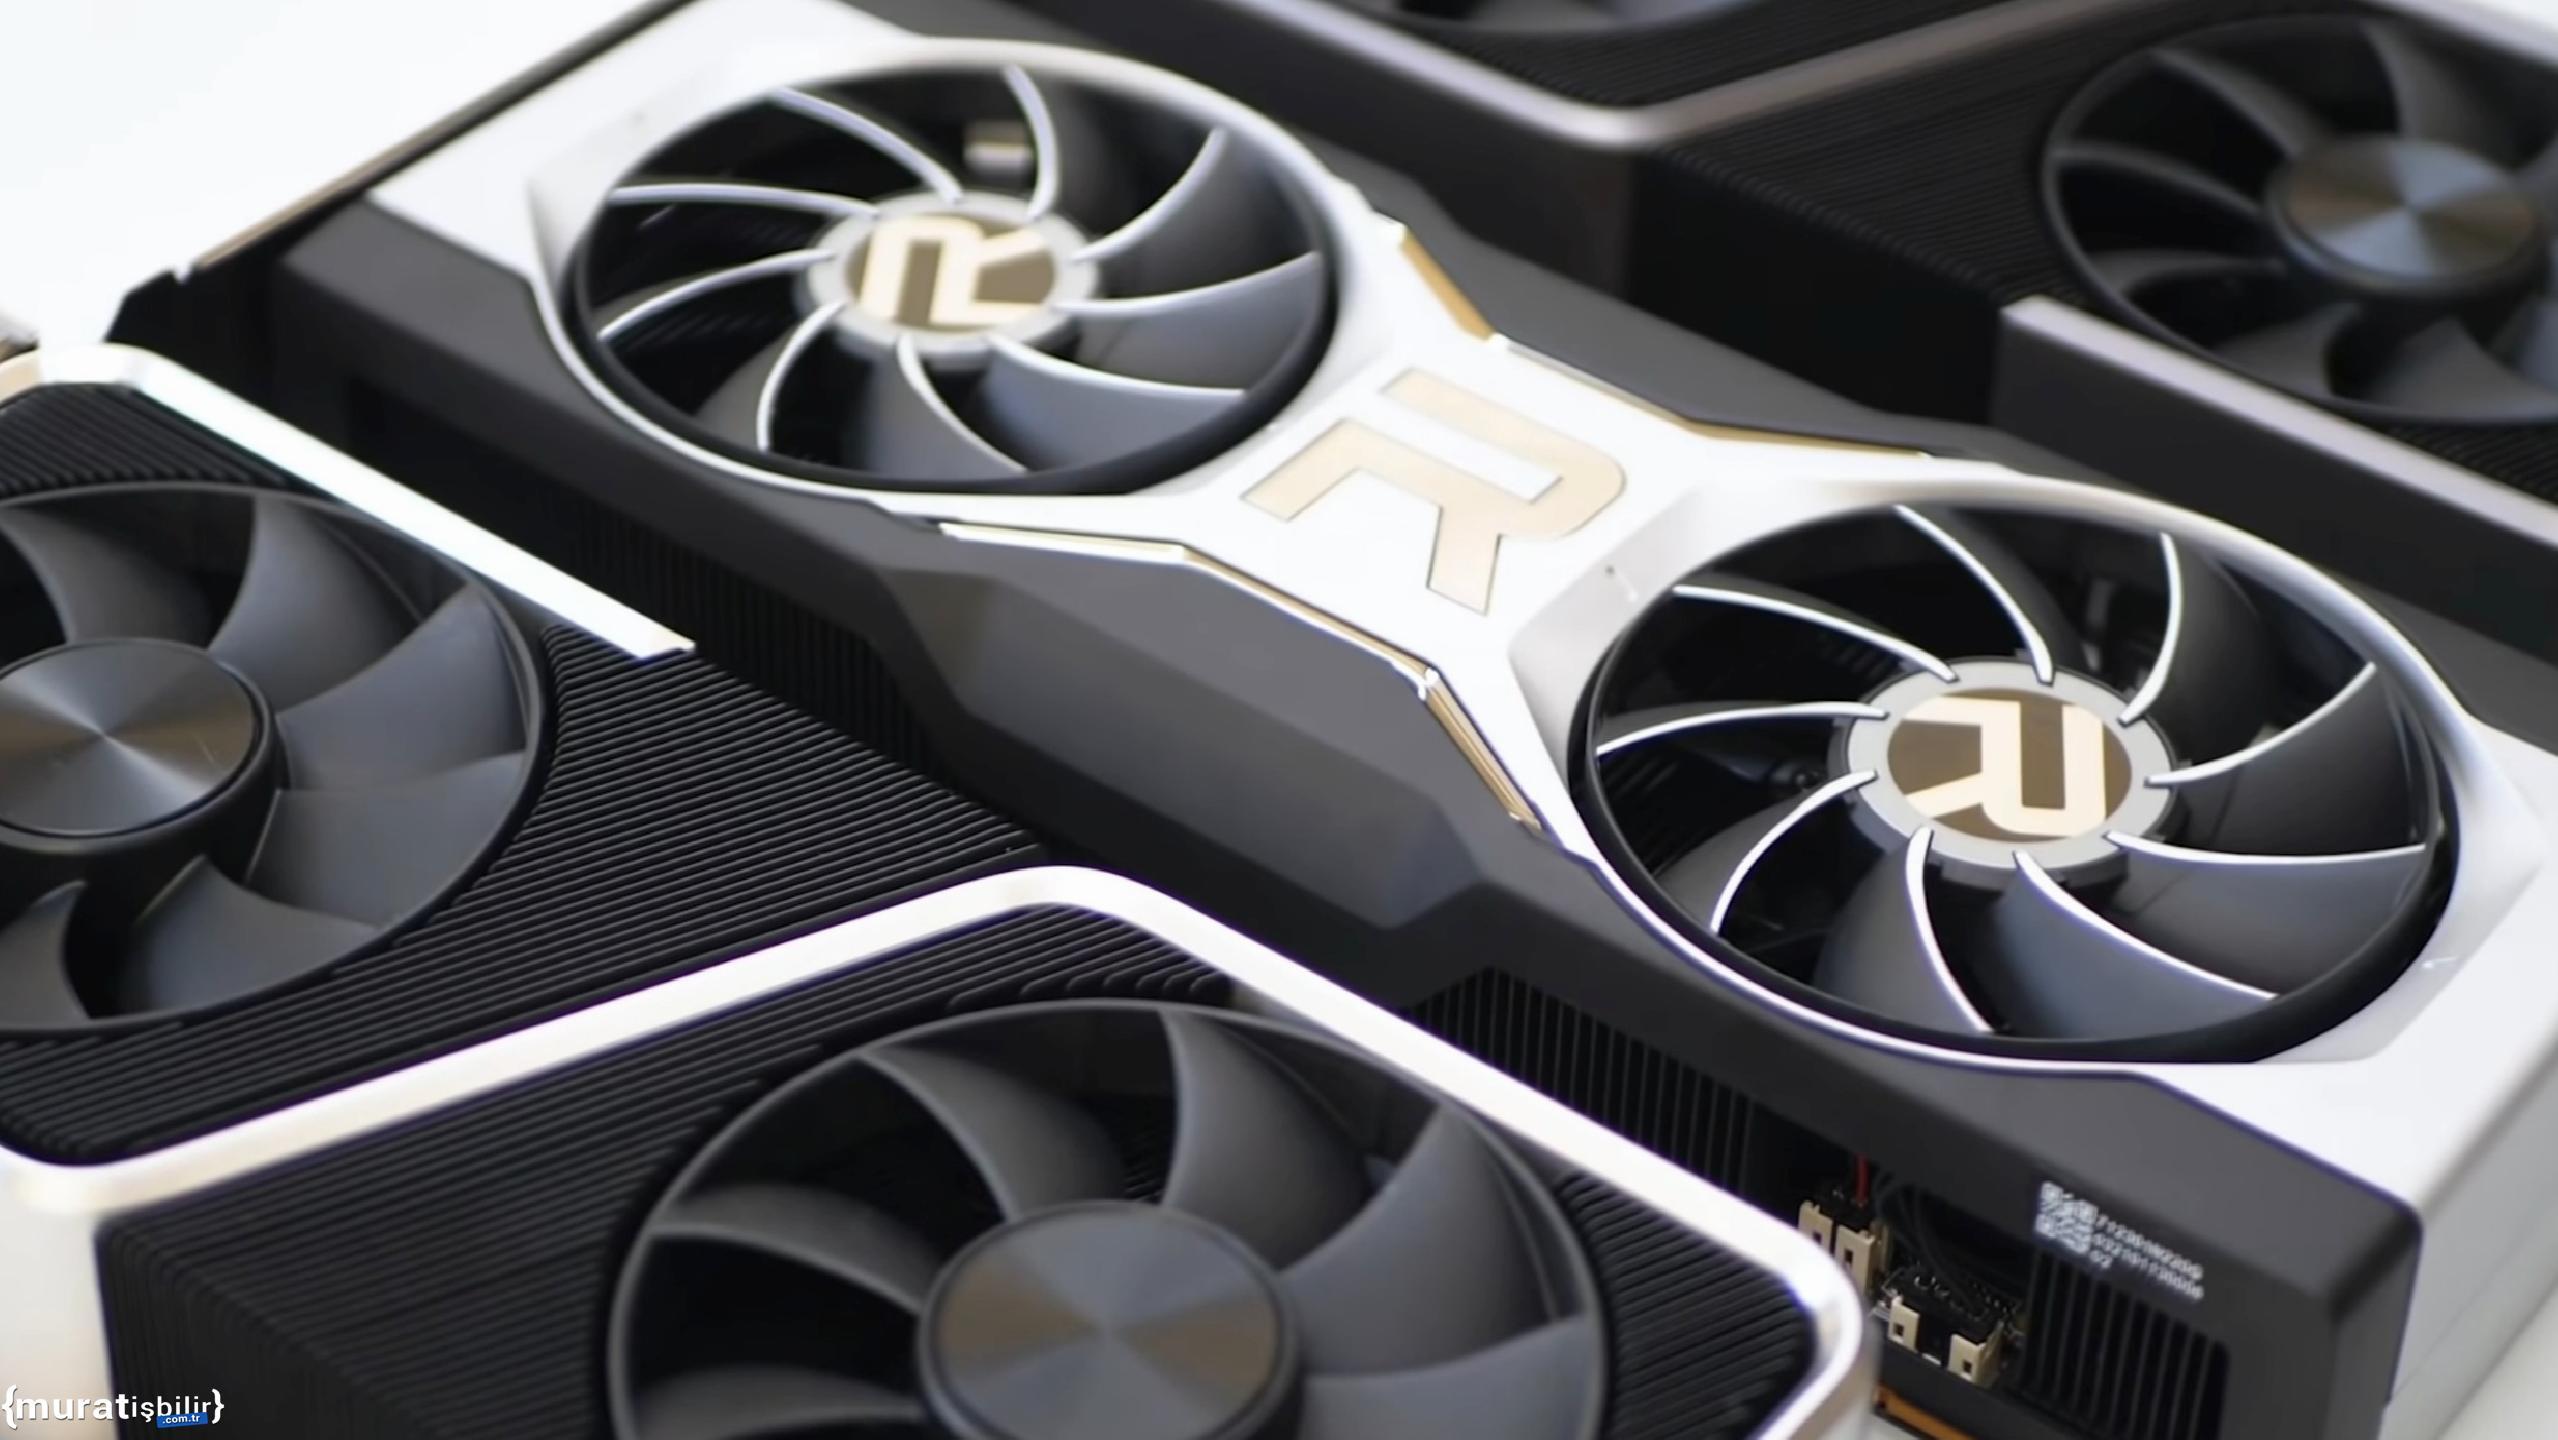 NVIDIA'nın Pazar Payı Artmaya Devam Ediyor: RTX 30 Serisi Yükselişte